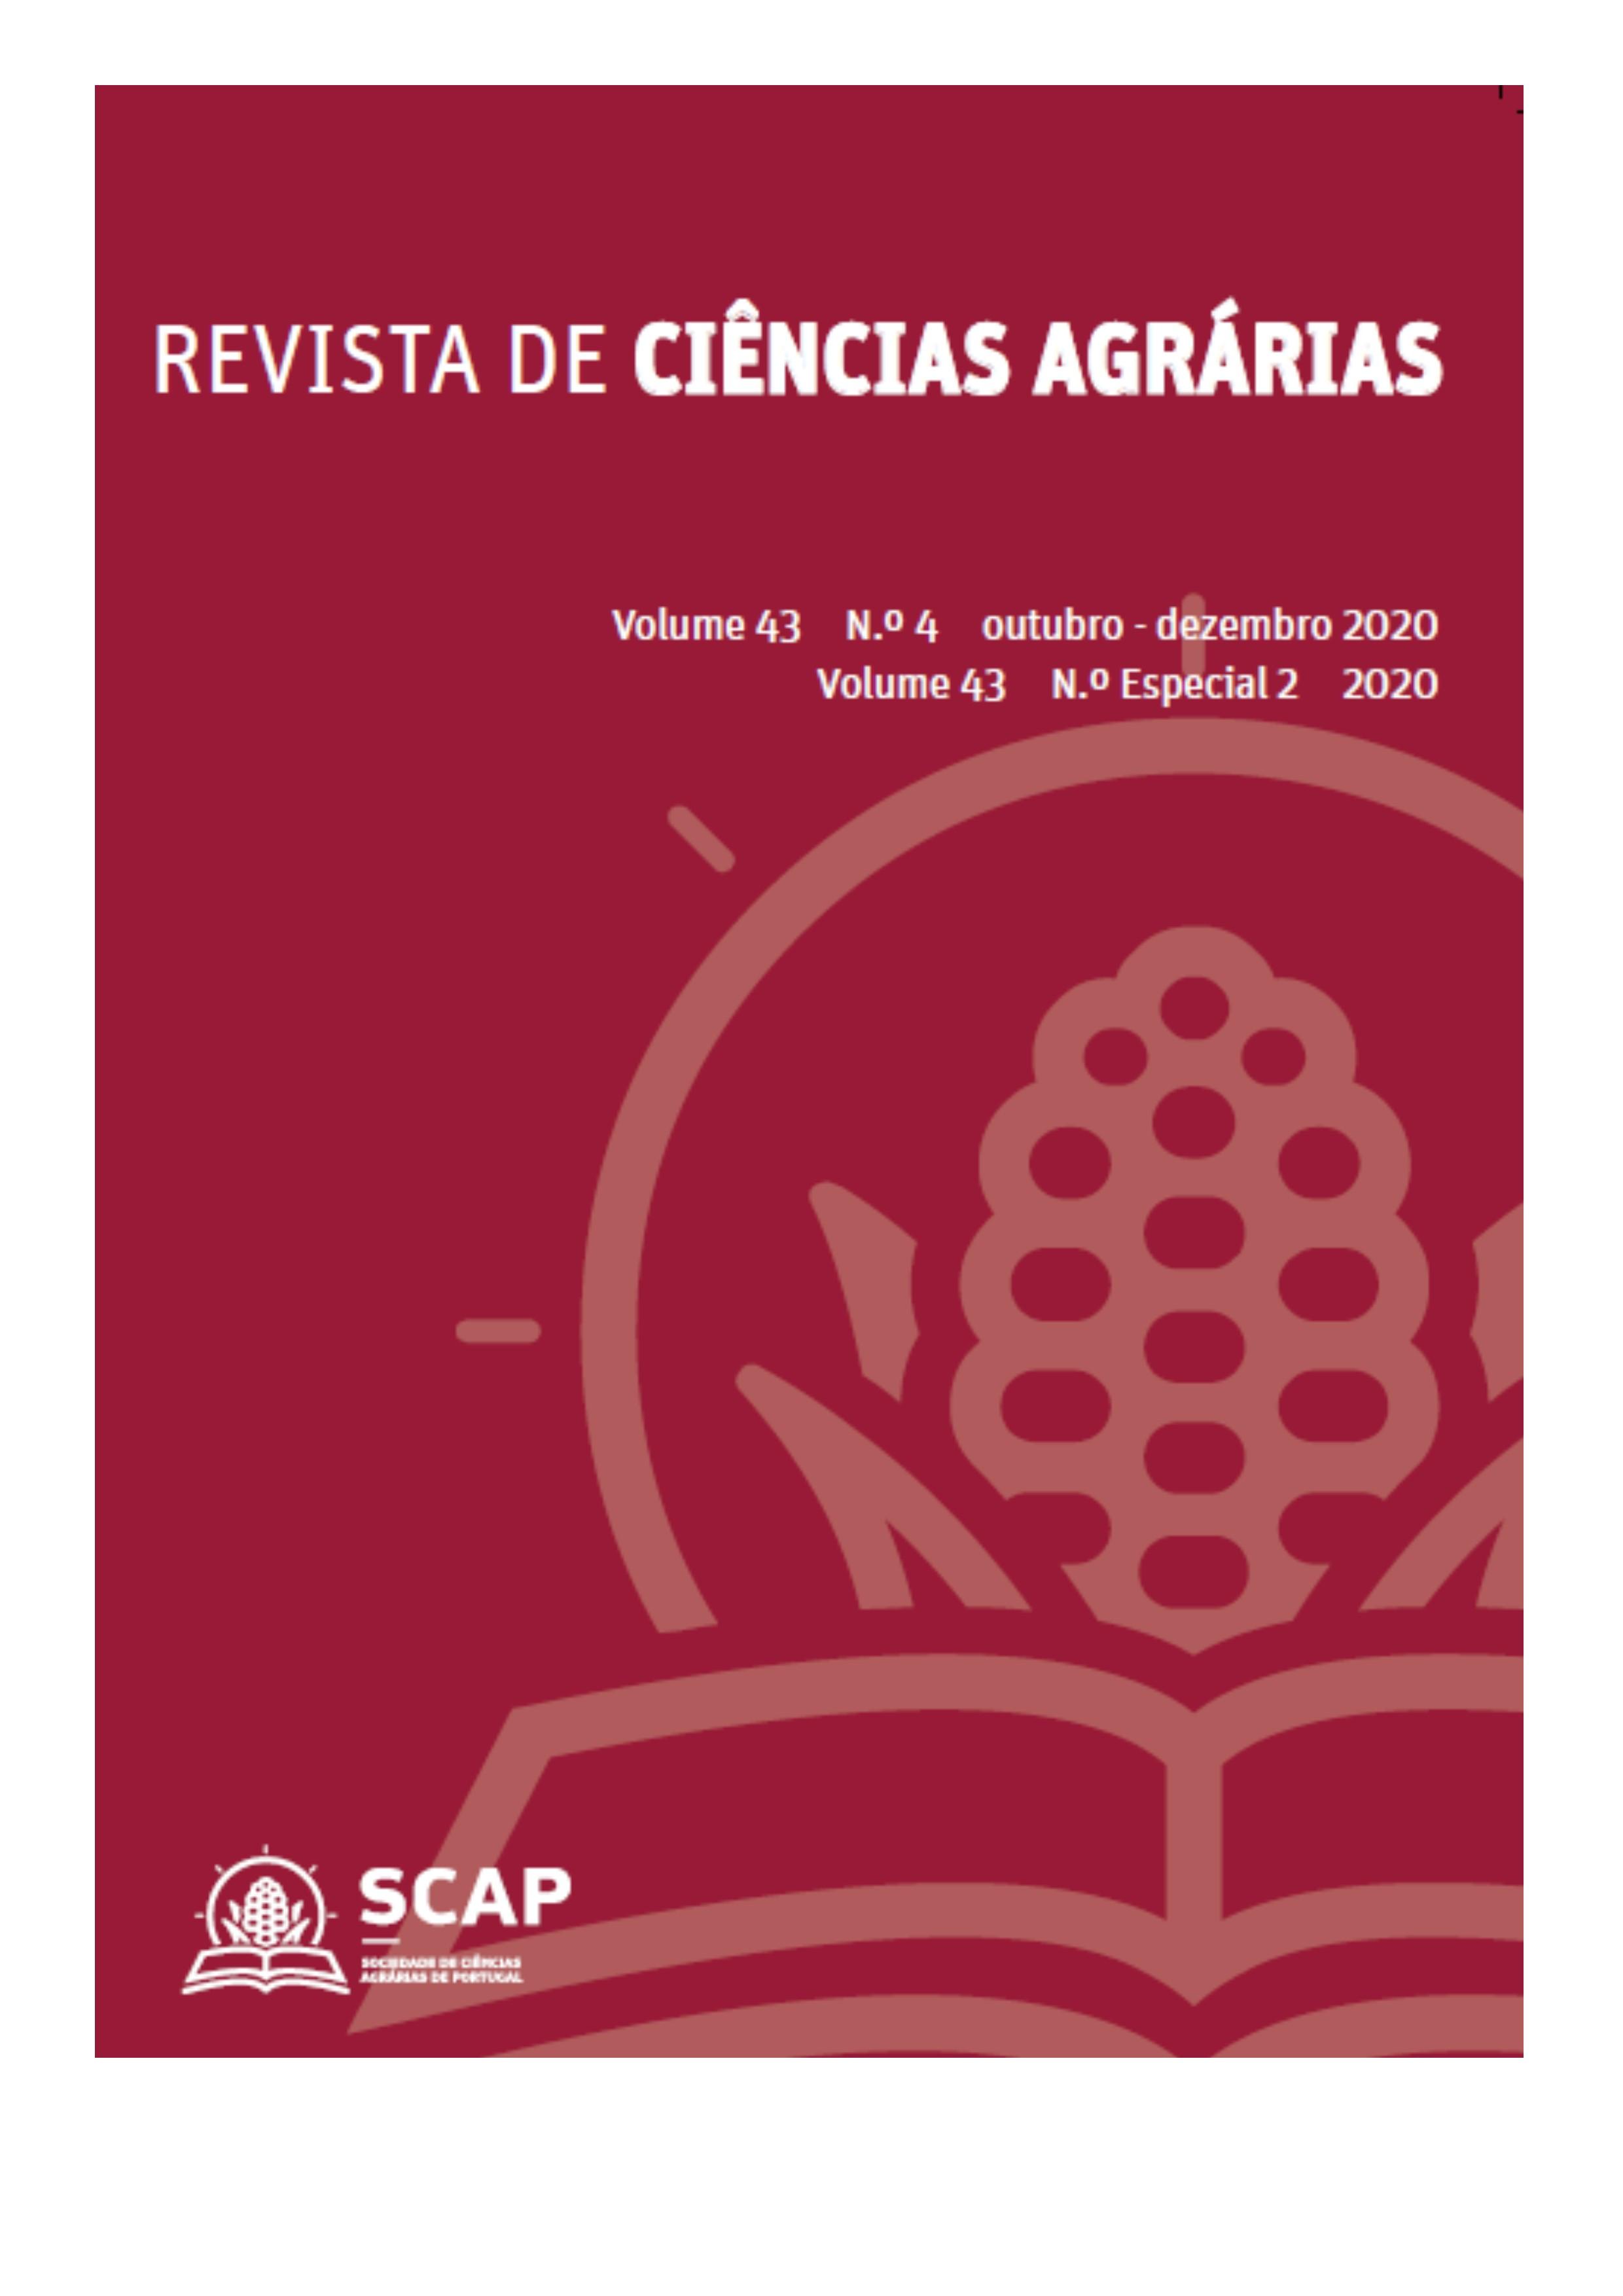 Ver Vol. 43 N.º nsp2 (2020): Revista de Ciências Agrárias, vol. 43, nº. especial 2